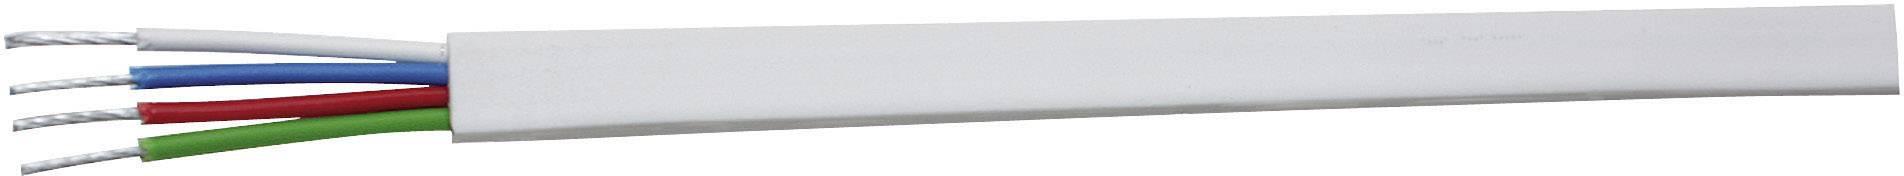 Připojovací kabel, 66100013, bílá